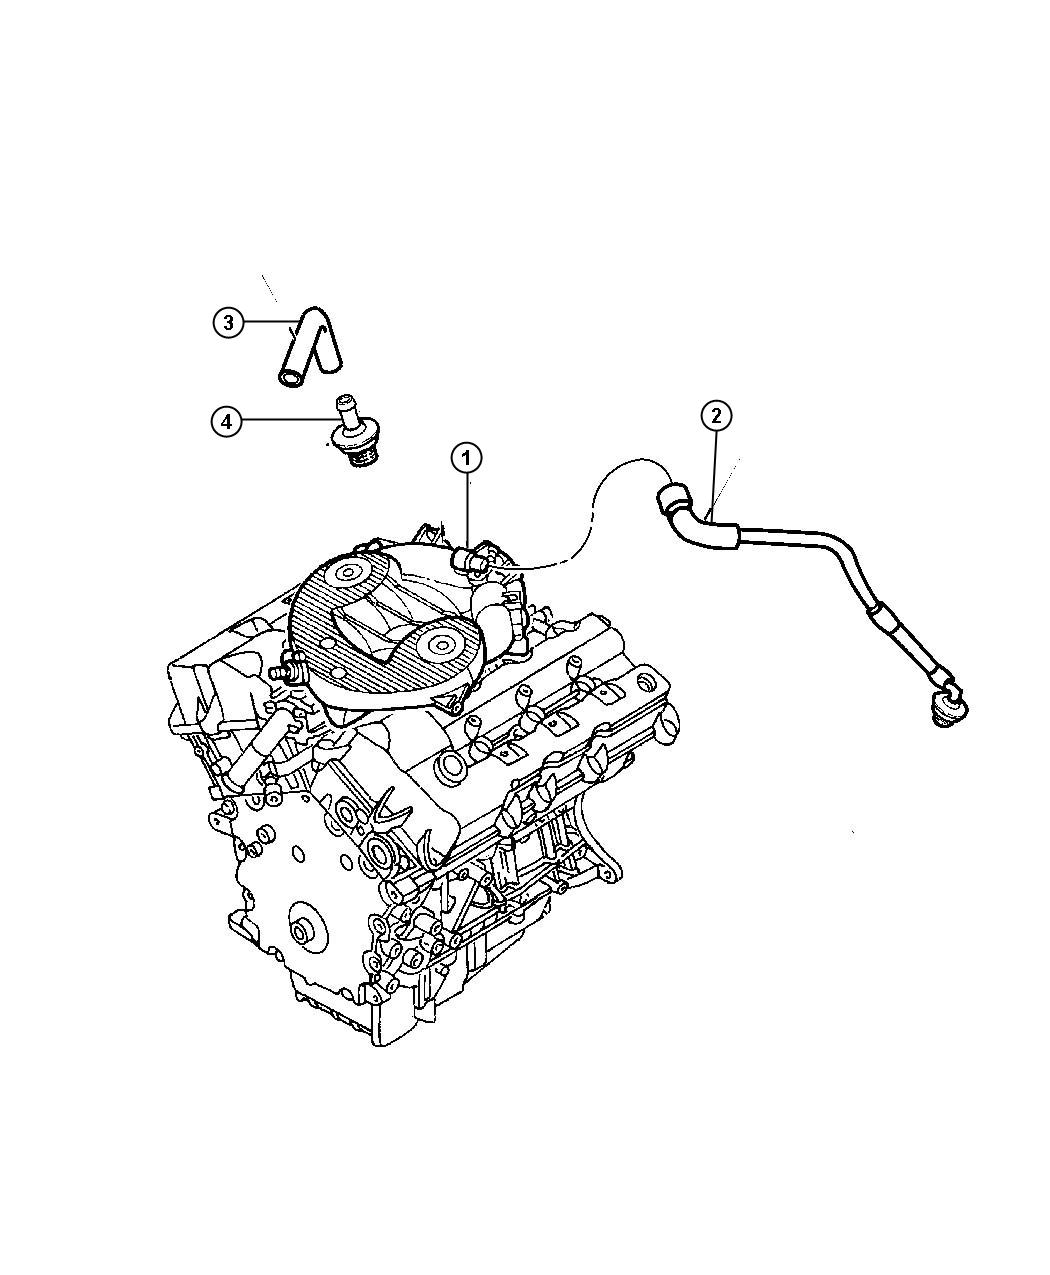 Dodge Viper Hose. Cylinder head to intake man. Ventilation